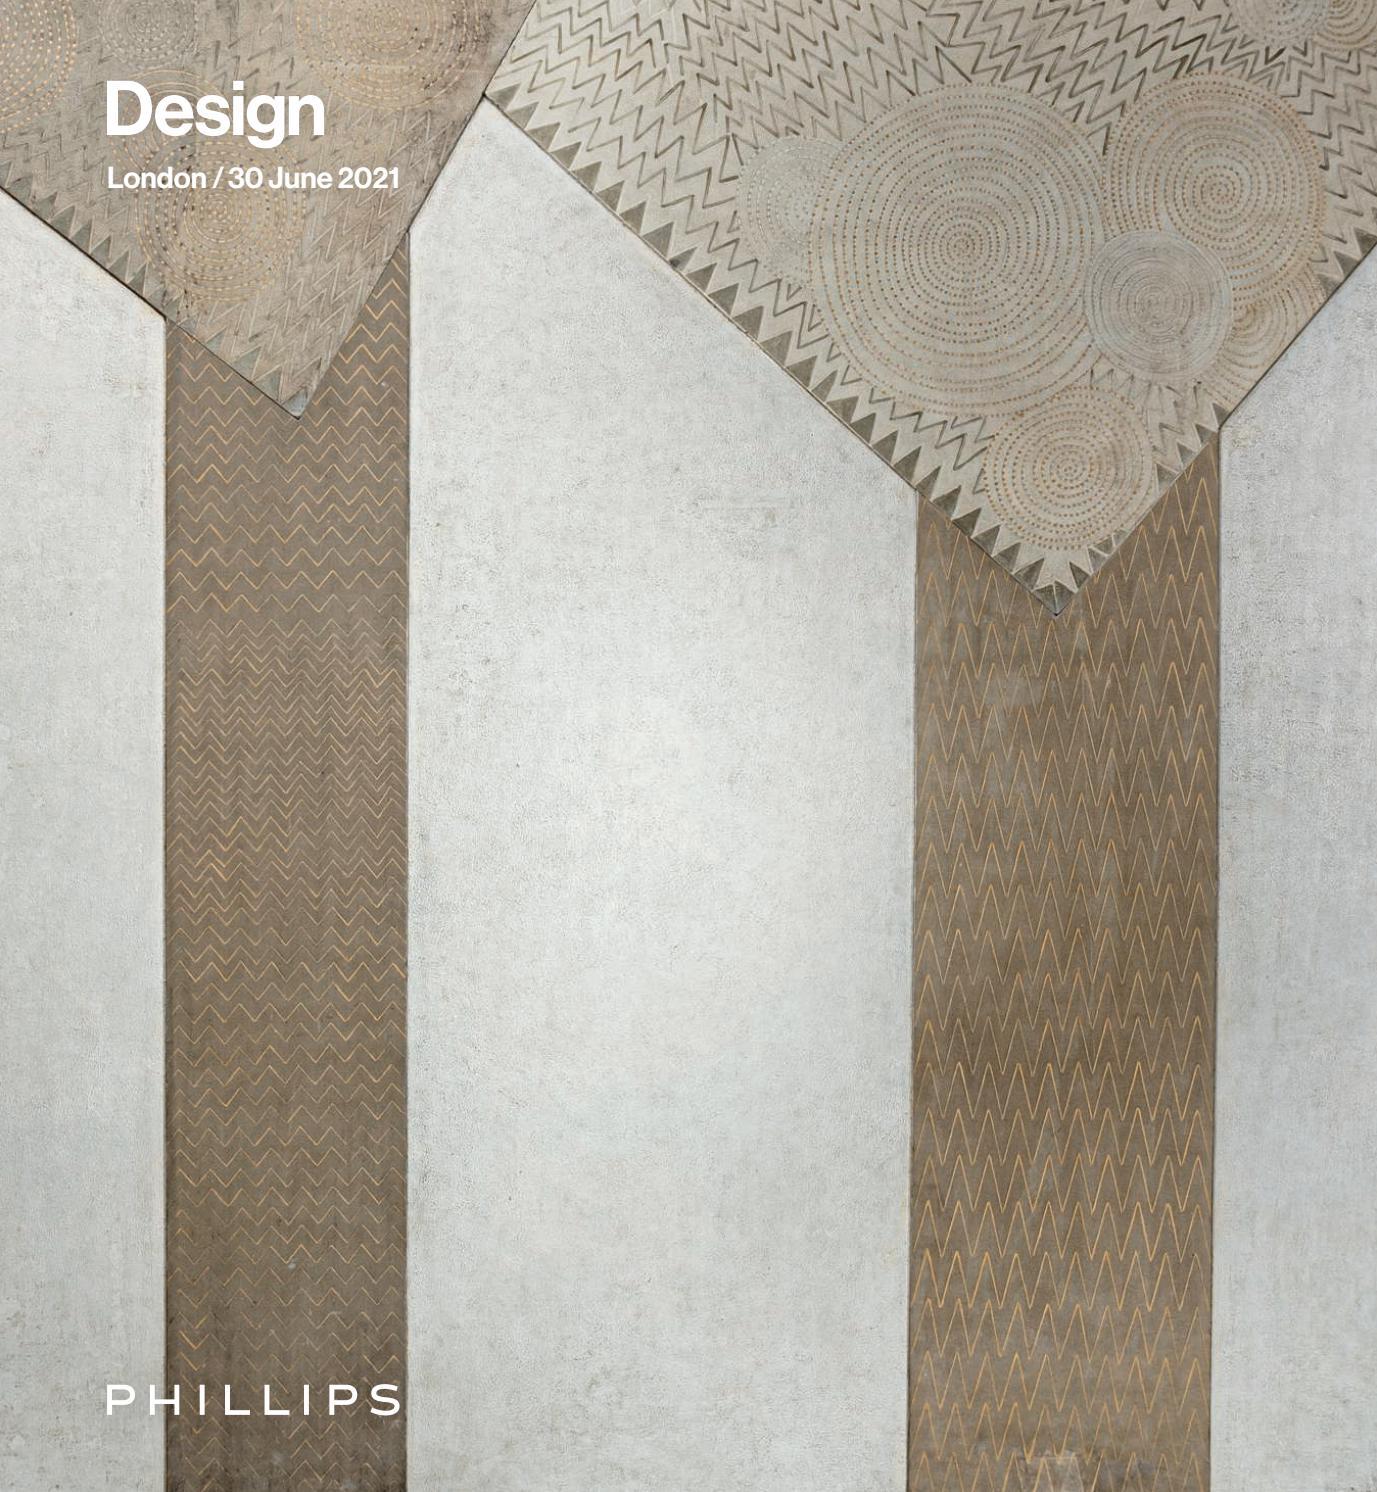 Oltre 30.000 articoli in vendita online su mohd! Design Catalogue By Phillips Issuu